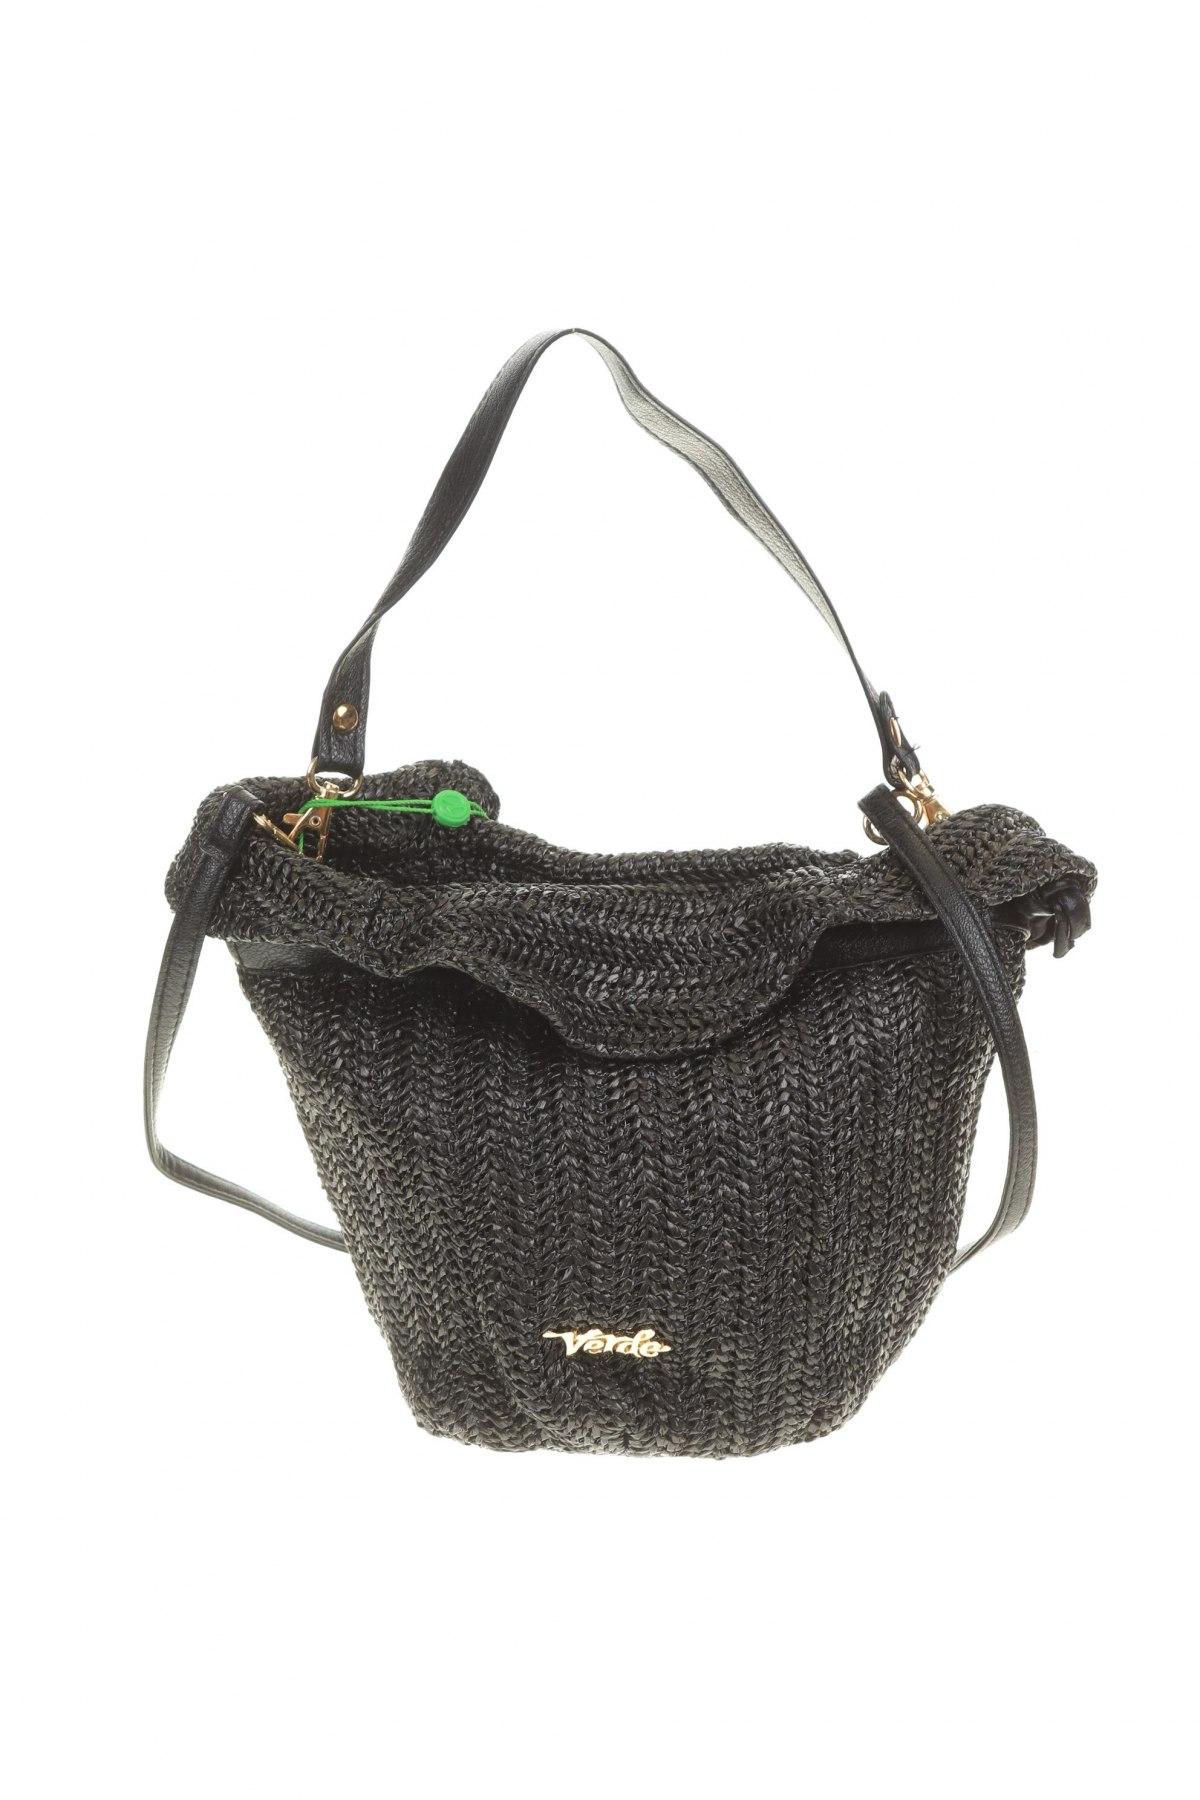 Дамска чанта Verde, Цвят Черен, Текстил, Цена 10,35лв.